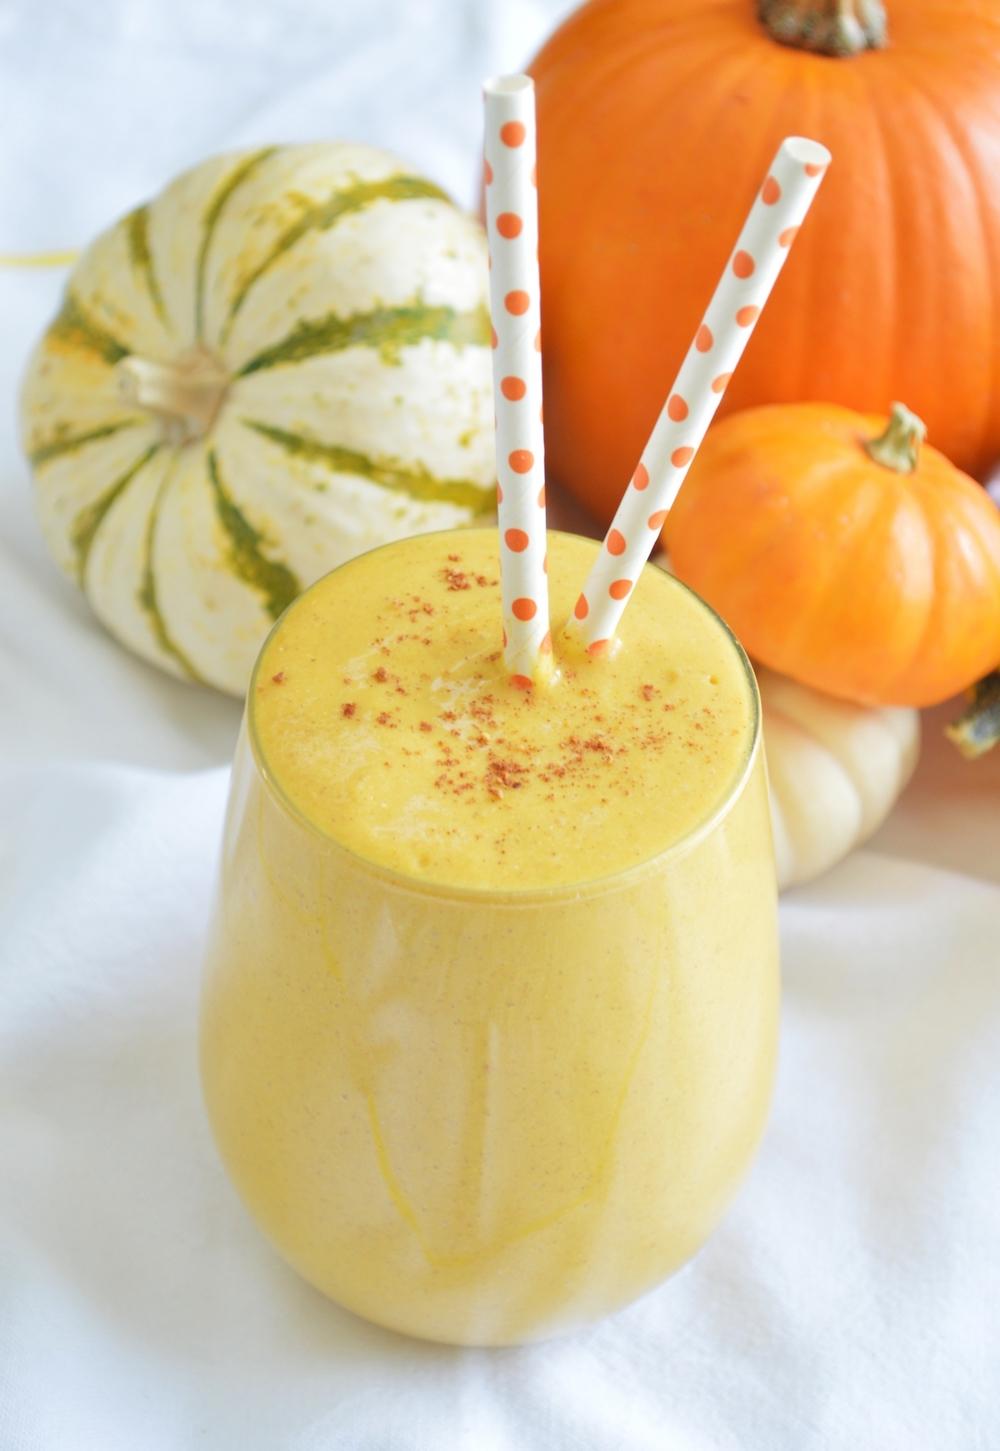 LaurenSchwaiger-Healthy-Life-Style-Blog-Quinoa-Pumpkin-Spice-Smoothie.jpg